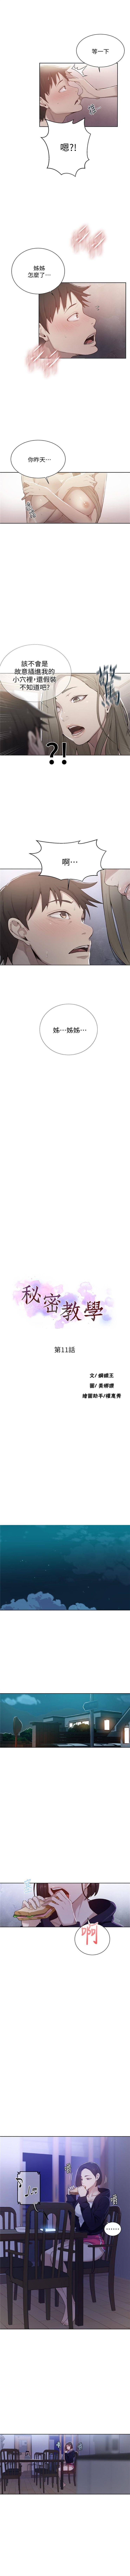 (週6)秘密教學  1-35 中文翻譯 (更新中) 80